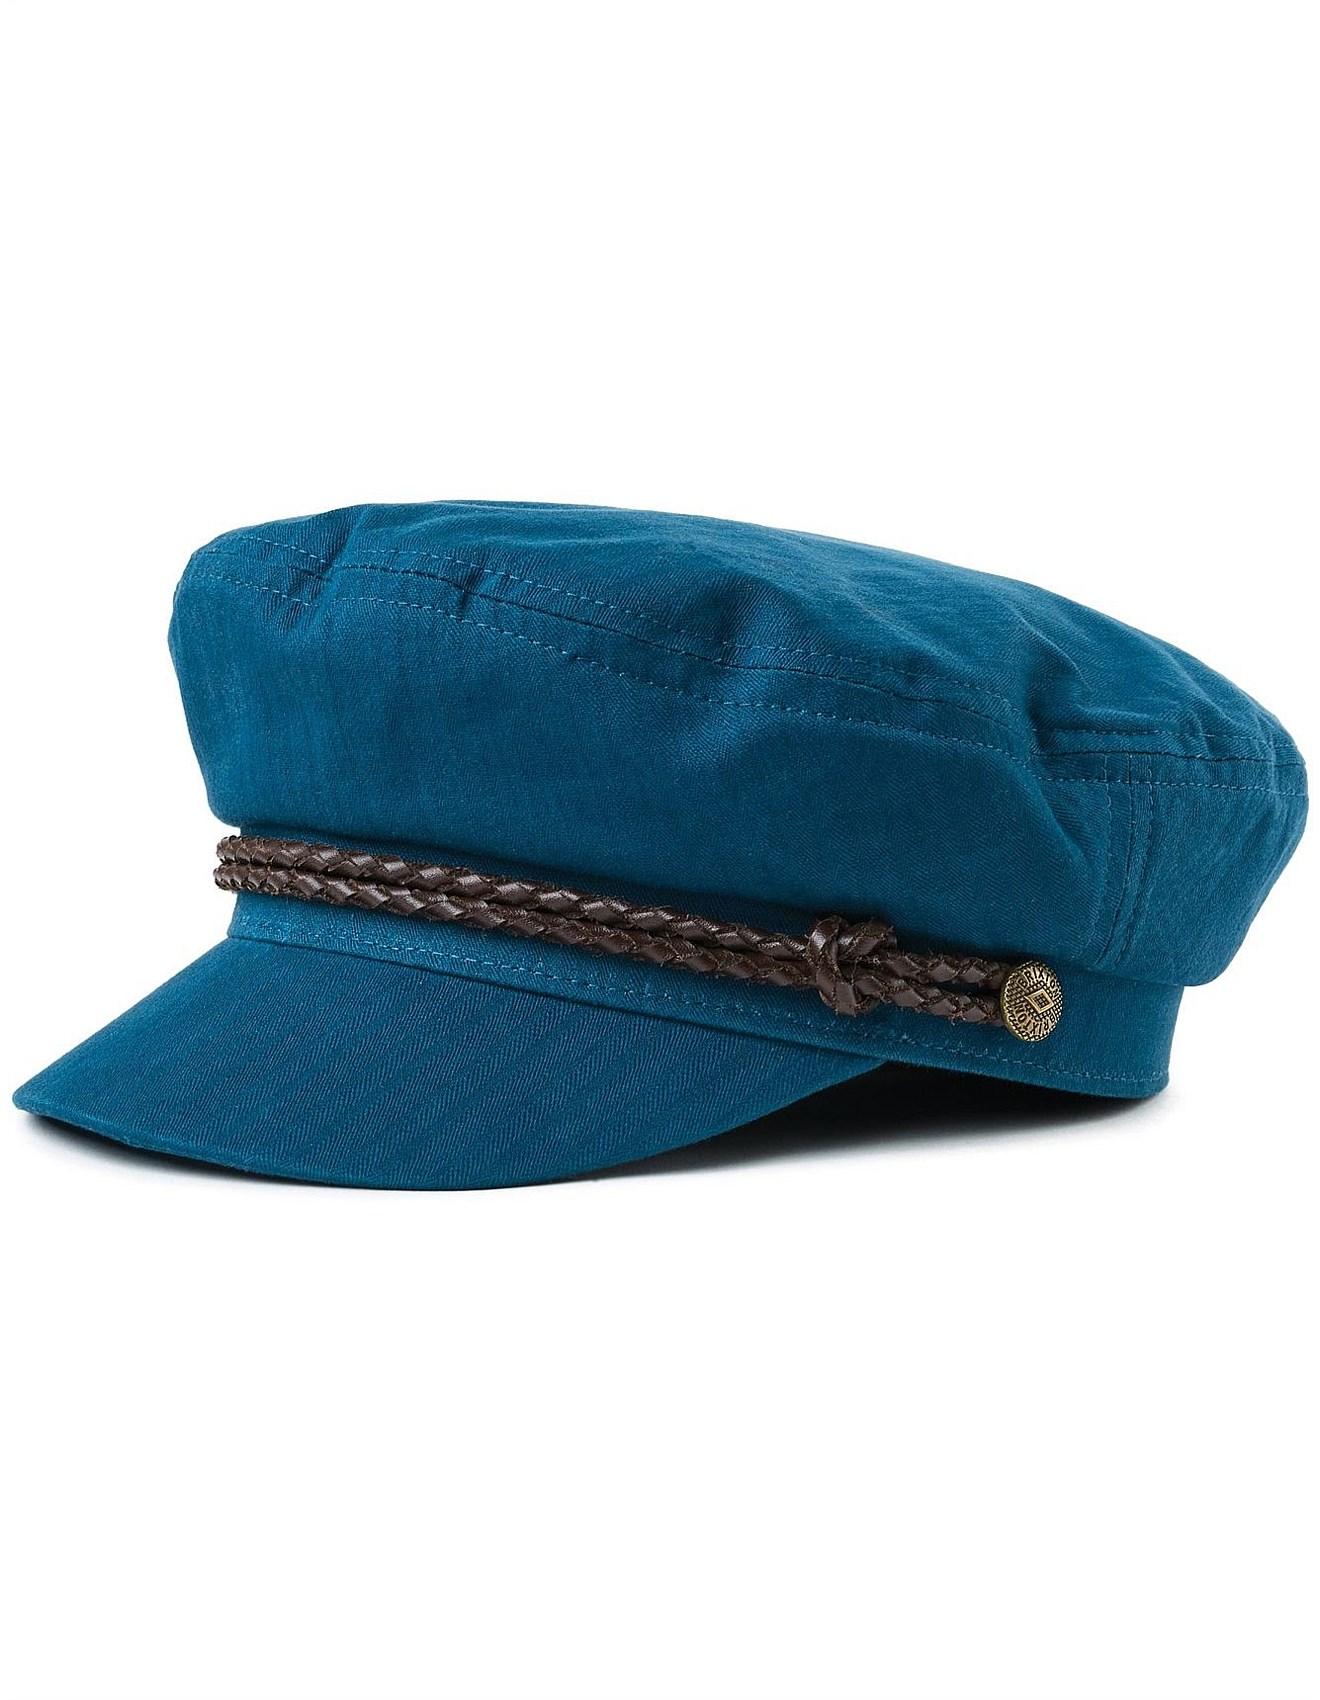 6f9dd7438 Women's Hats | Buy Caps, Fedoras & Beanies Online | David Jones ...